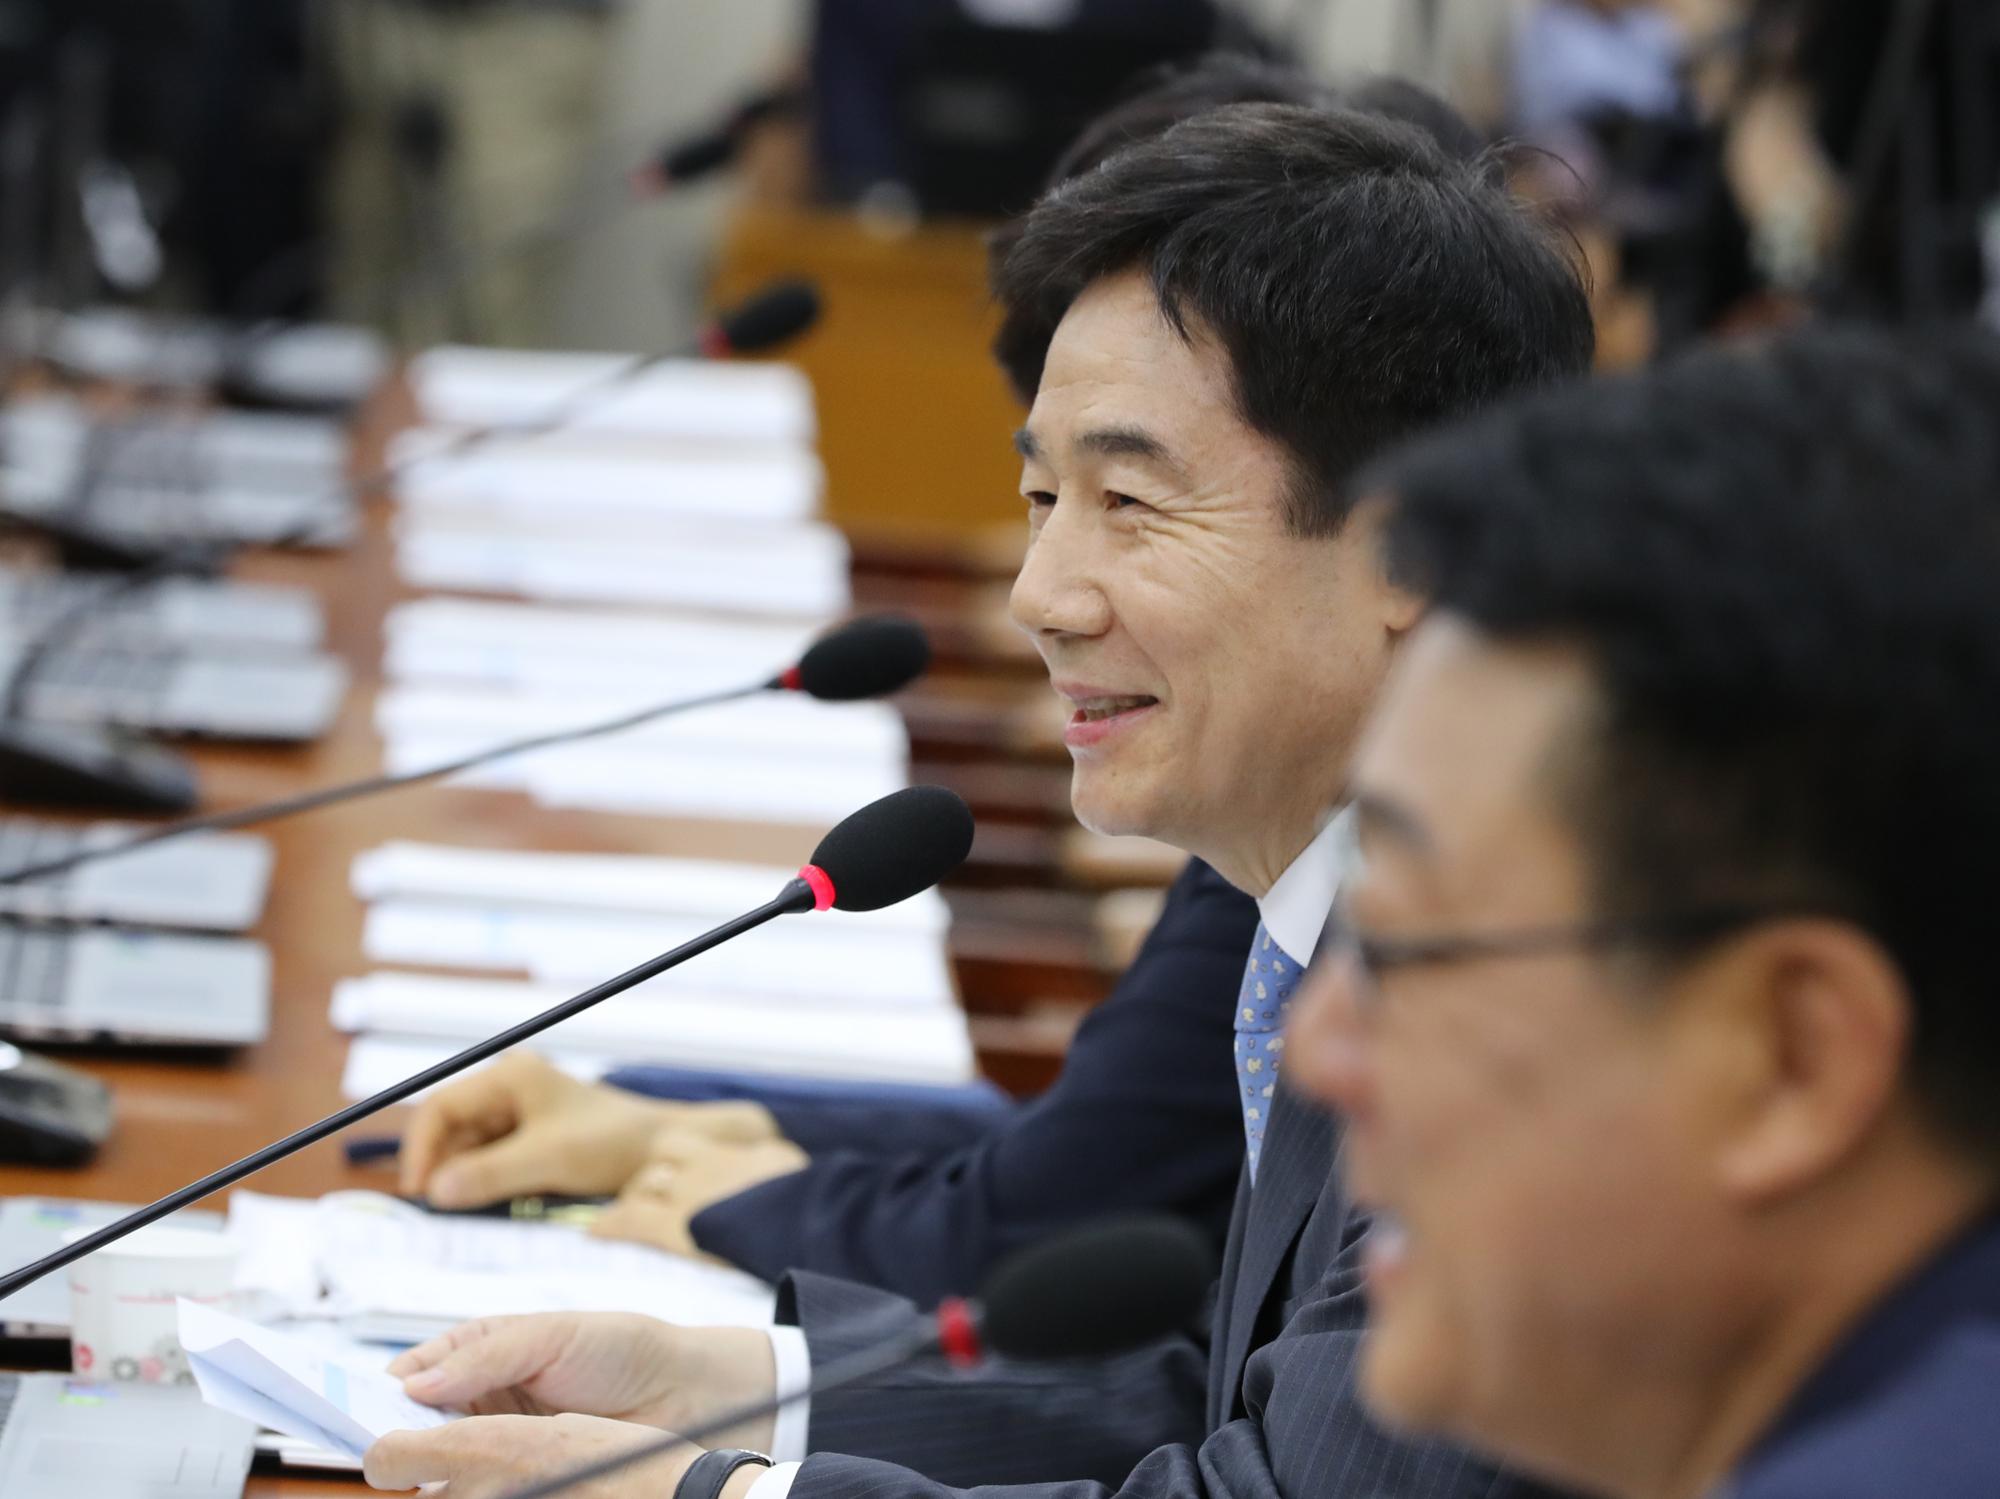 무소속 이용호 의원이 17일 국회 보건복지위원회 전체회의에서 발언하고 있다. 연합뉴스